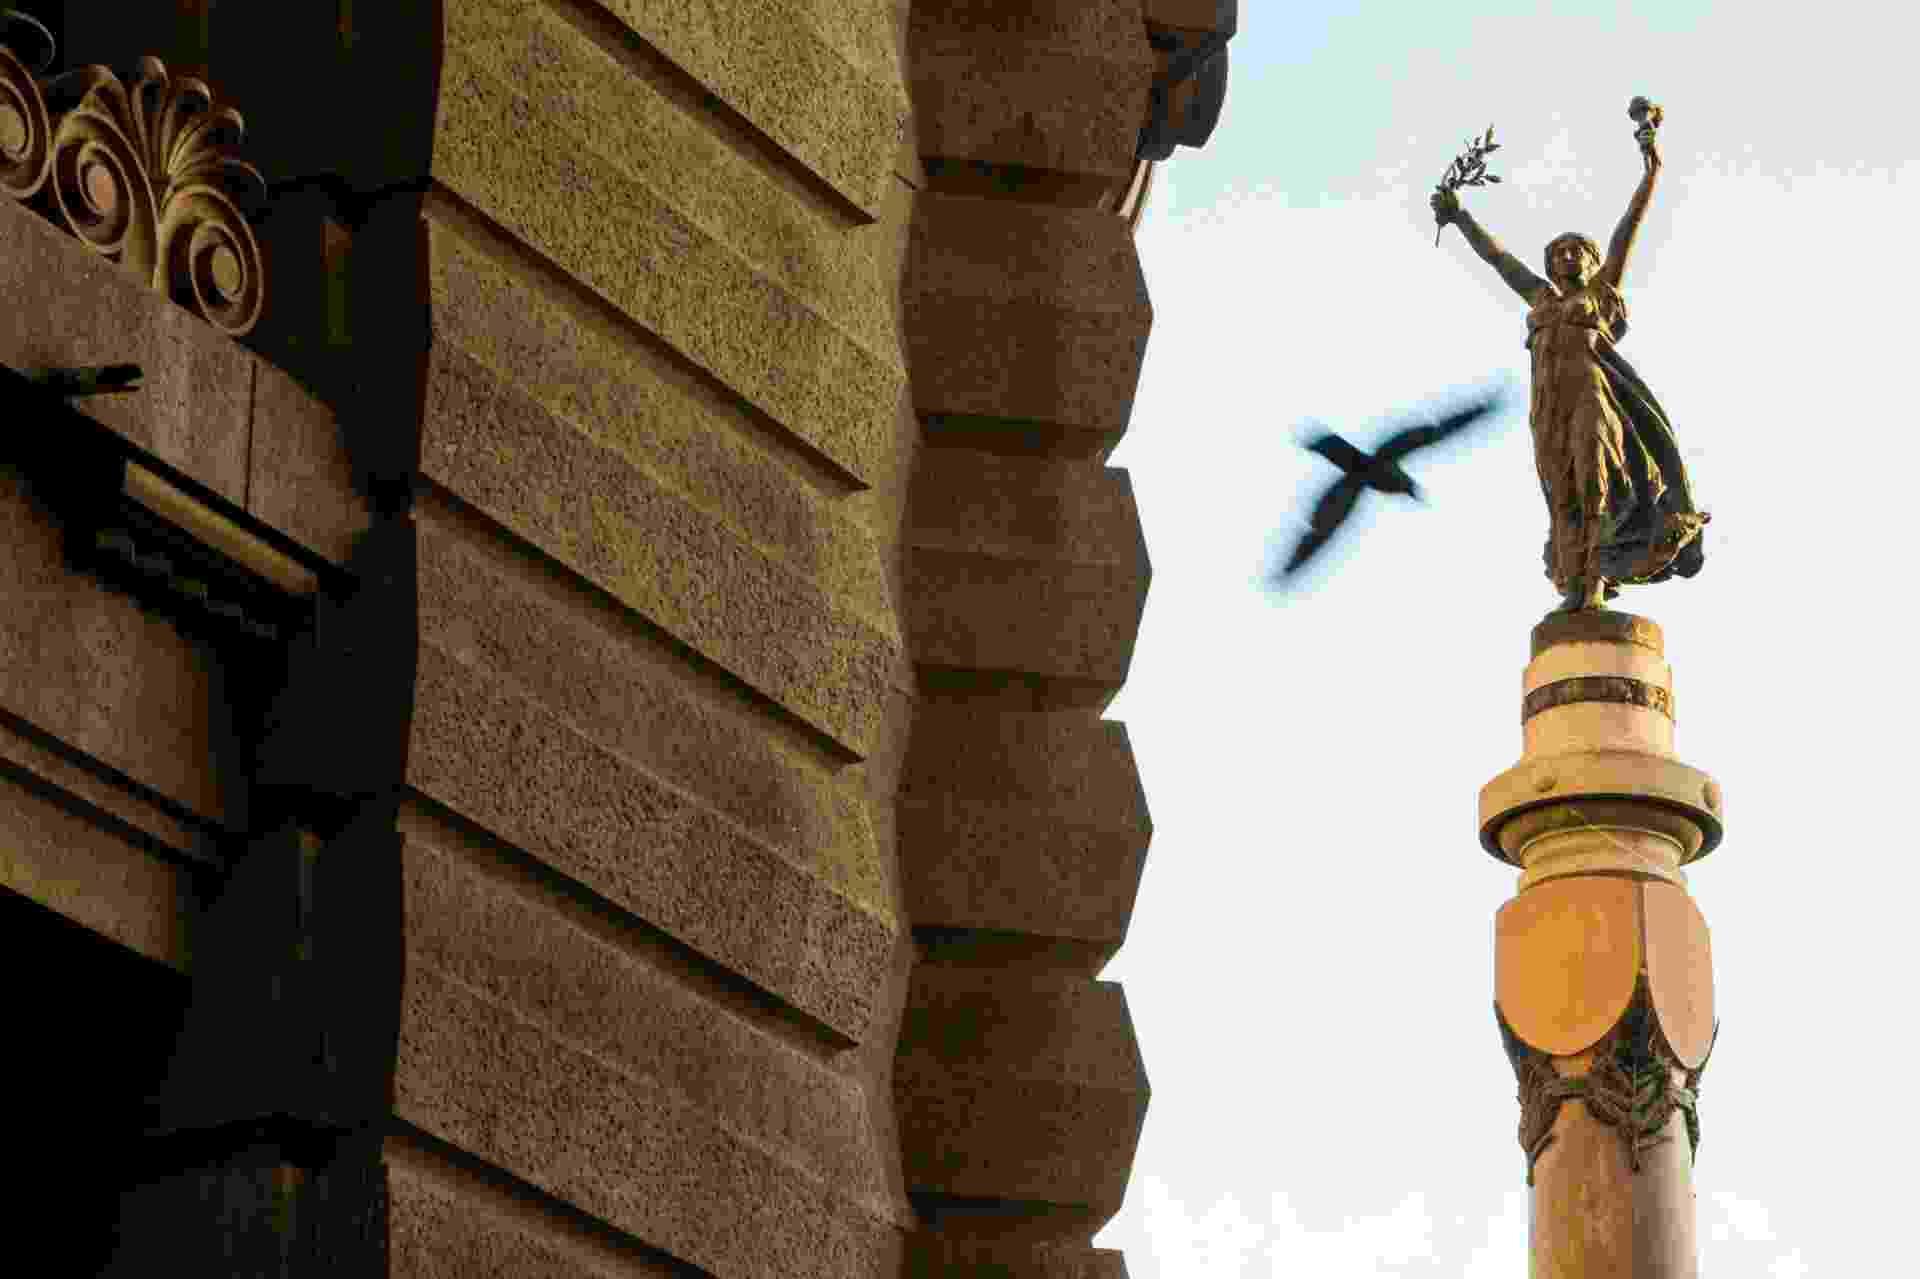 GLÓRIA IMORTAL DOS FUNDADORES DE SP - No monumento em frente ao Pátio do Colégio, a cidade de São Paulo é representada por uma figura feminina que aparece no topo da escultura de quase 26 metros de altura. Já a base da obra possui imagens que ilustram o cotidiano dos primeiros anos de São Paulo - Ricardo Matsukawa/ UOL